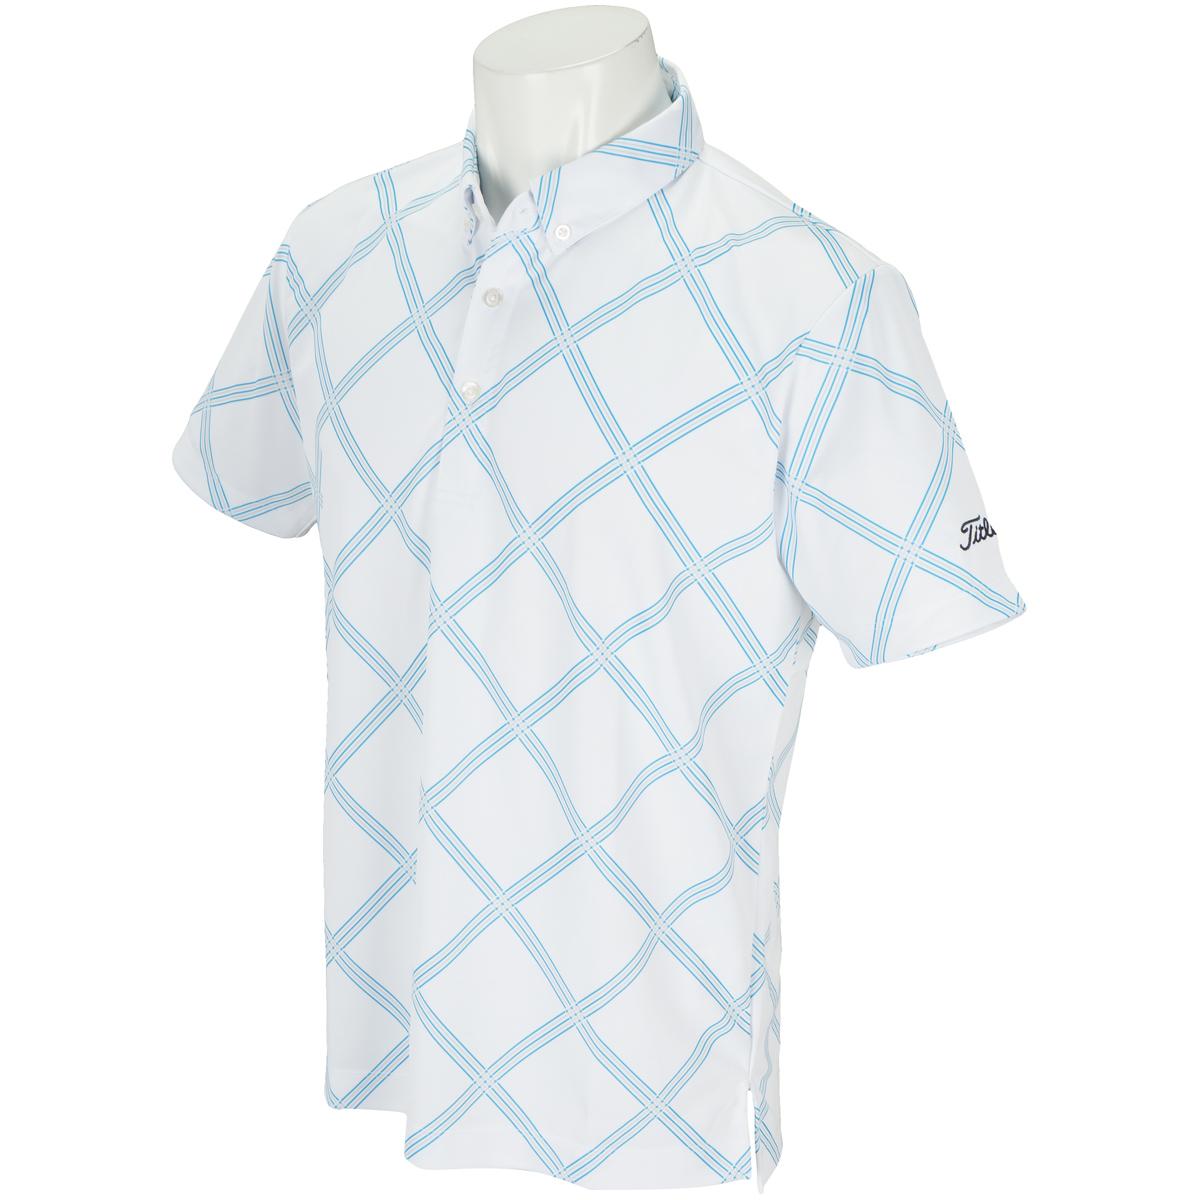 ストレッチバイヤスチェックプリント半袖ポロシャツ